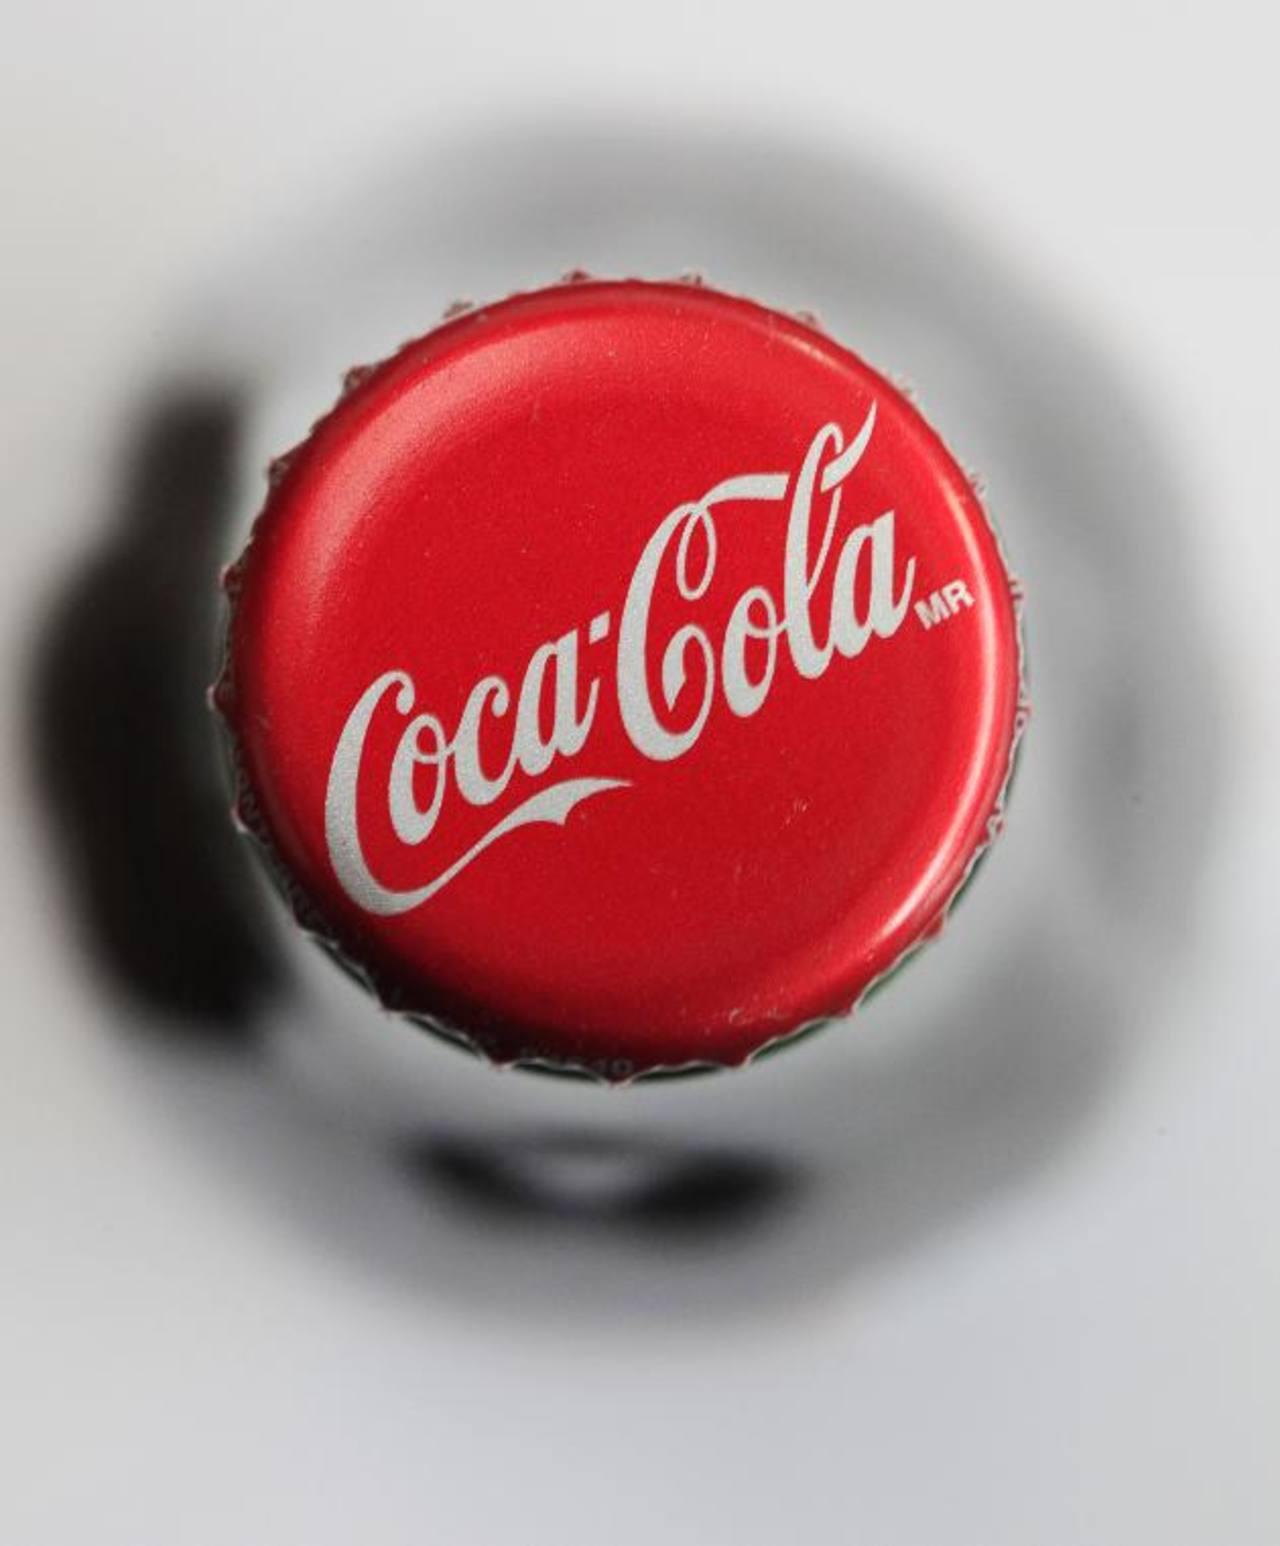 Coca Cola gana $1,557 millones en primer trimestre